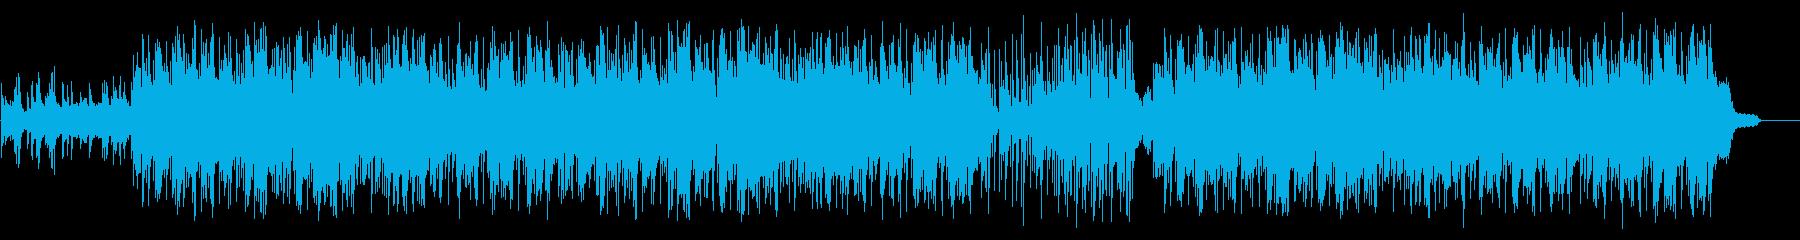 ちょっと切ないポップ/バラードの再生済みの波形